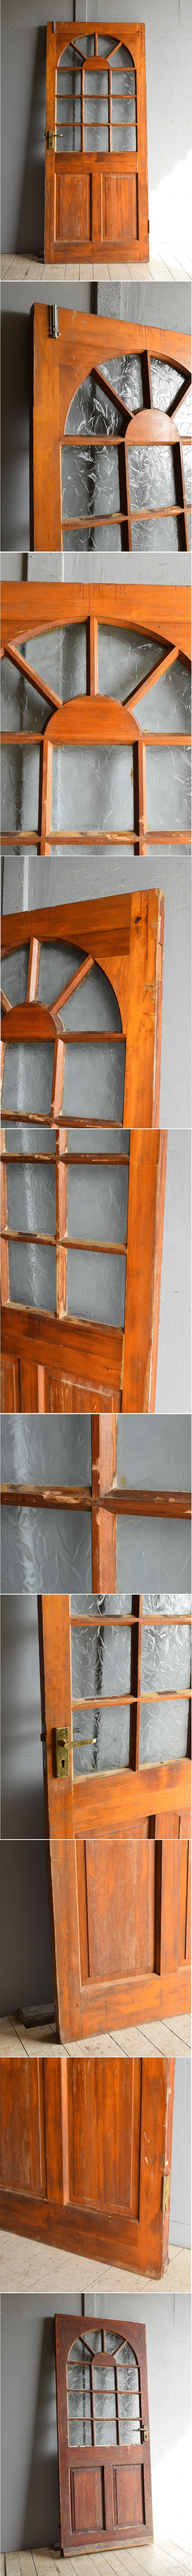 イギリス アンティーク ドア 扉 建具 8329